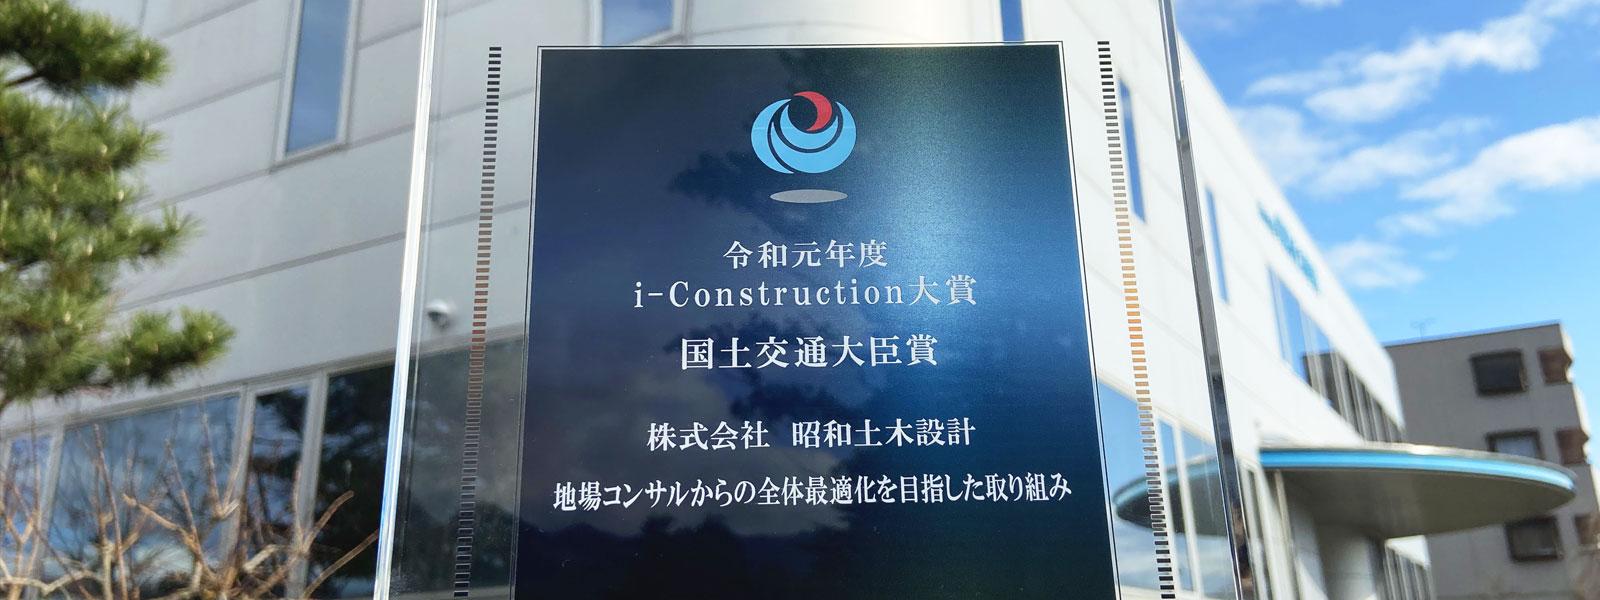 令和元年度 i-Construction大賞 国道交通大臣賞受賞!